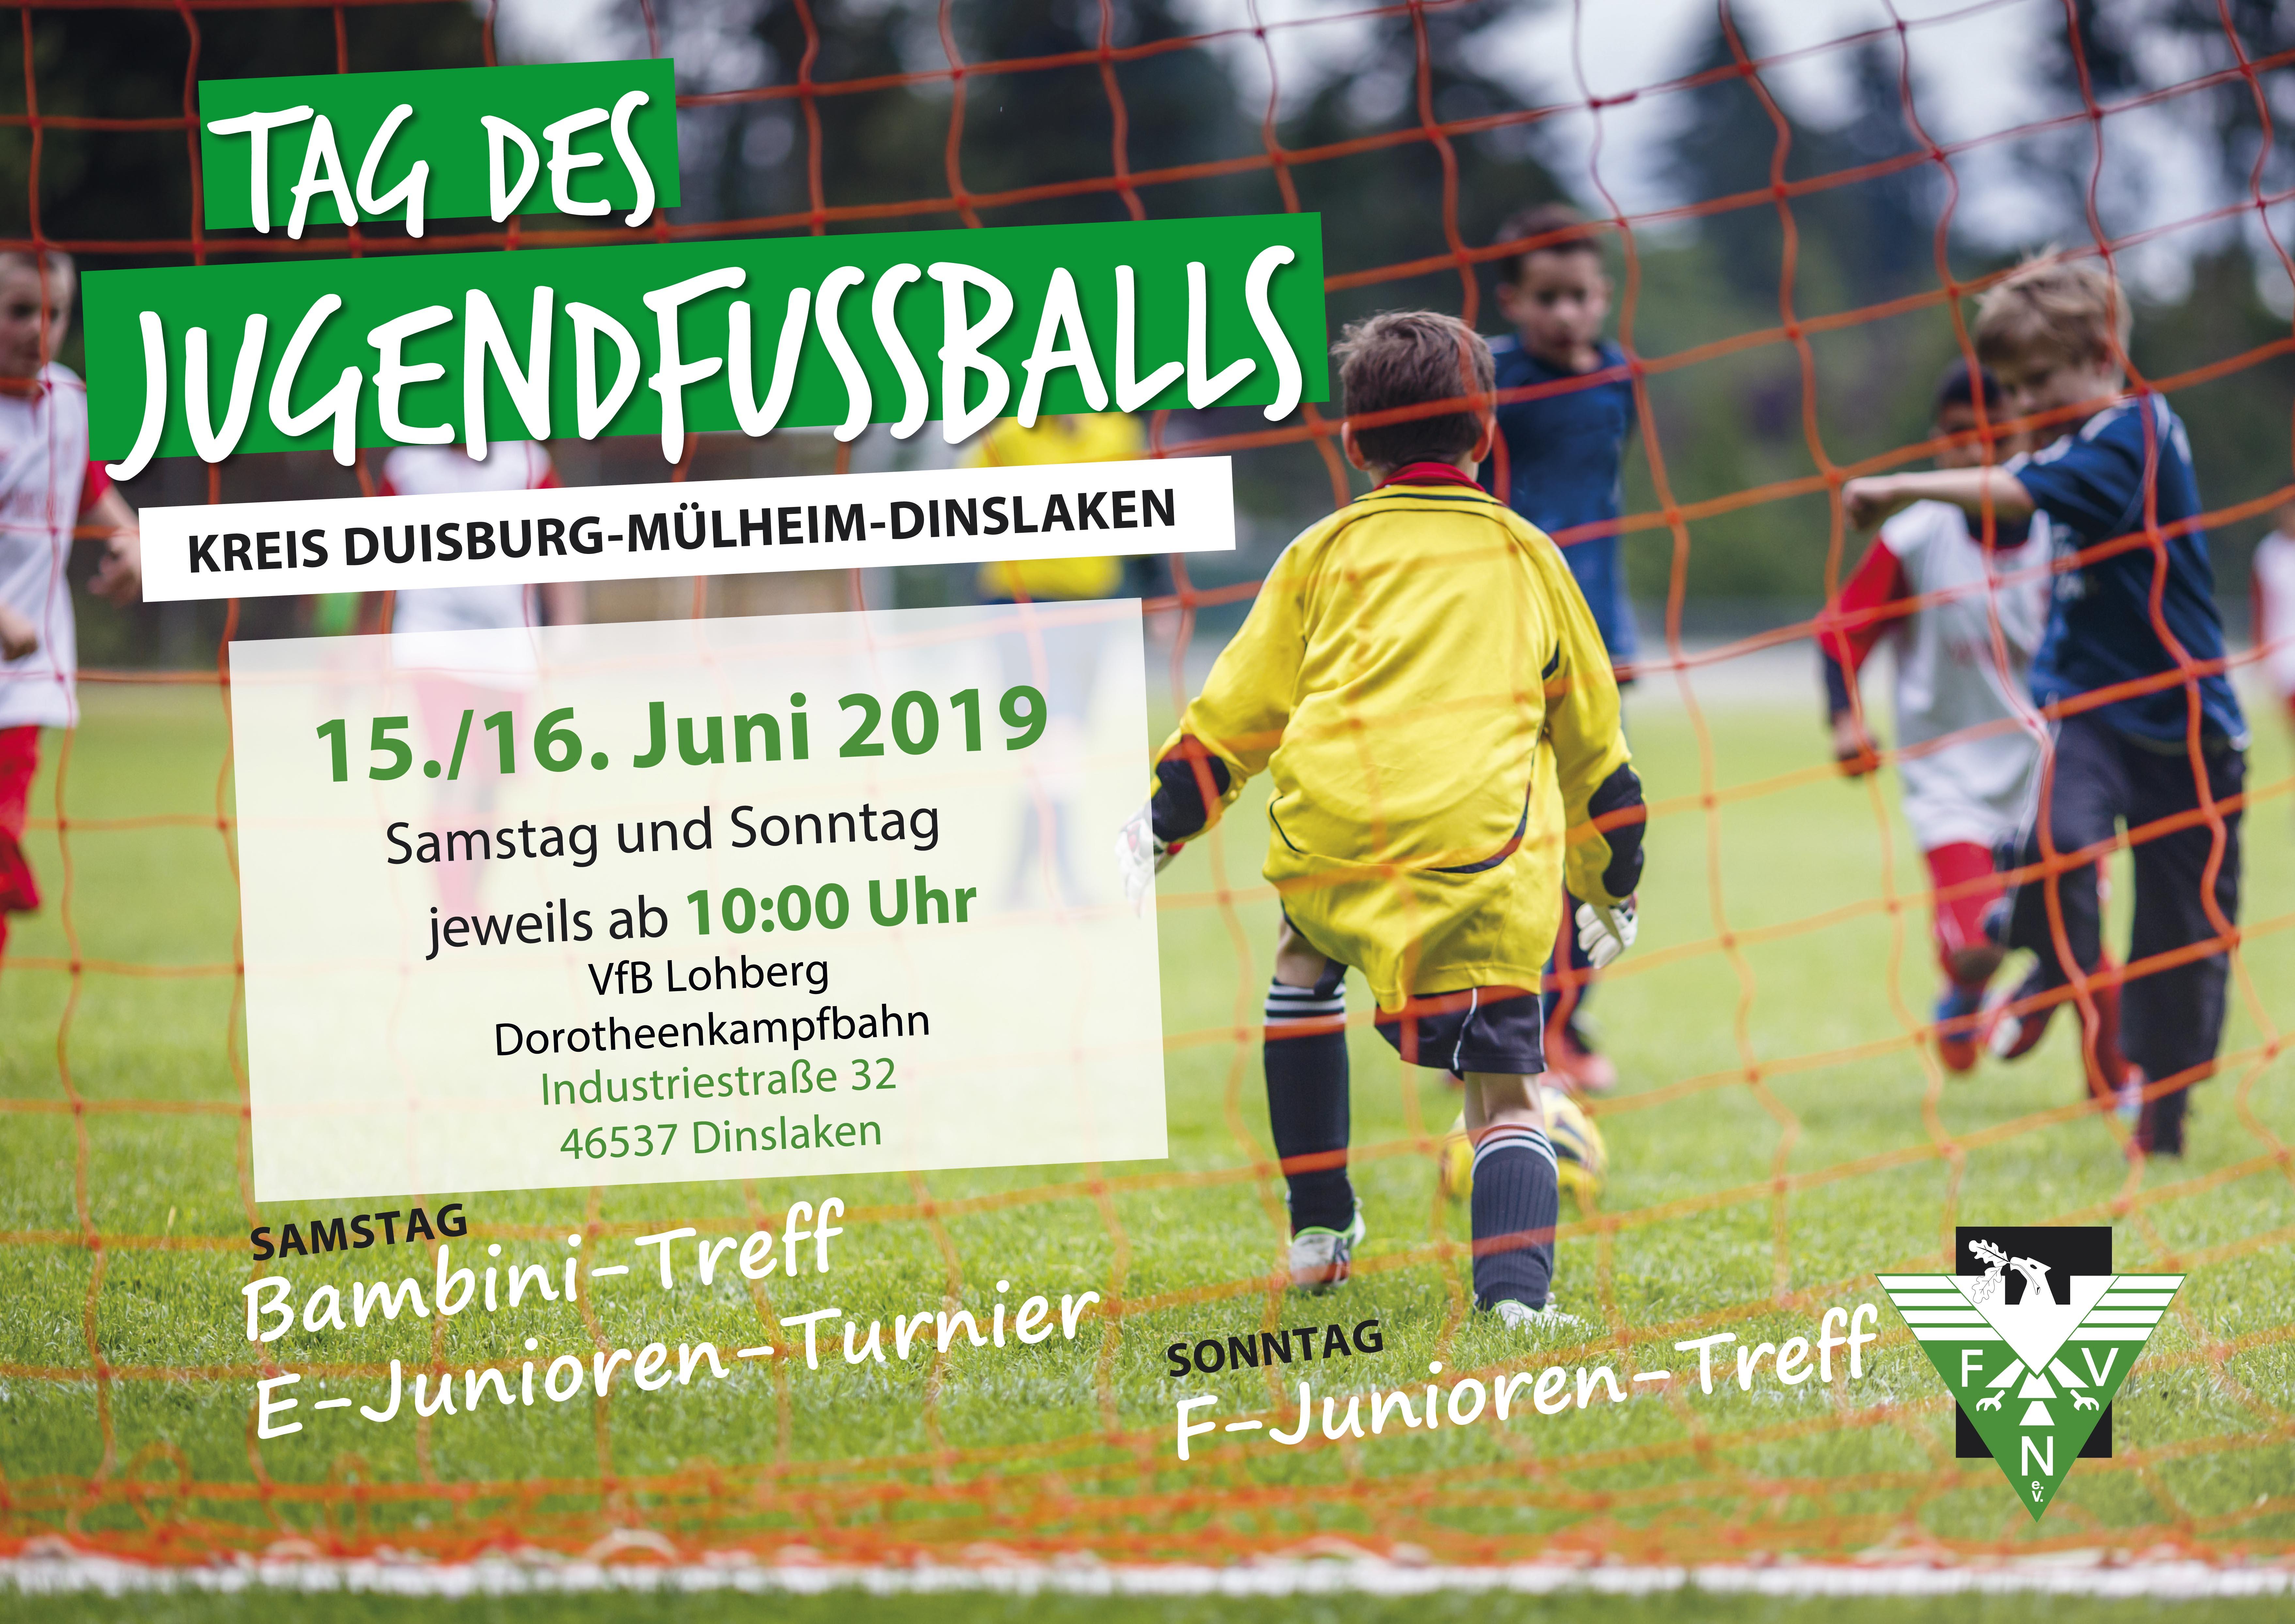 Tag des Jugendfußballs 2019